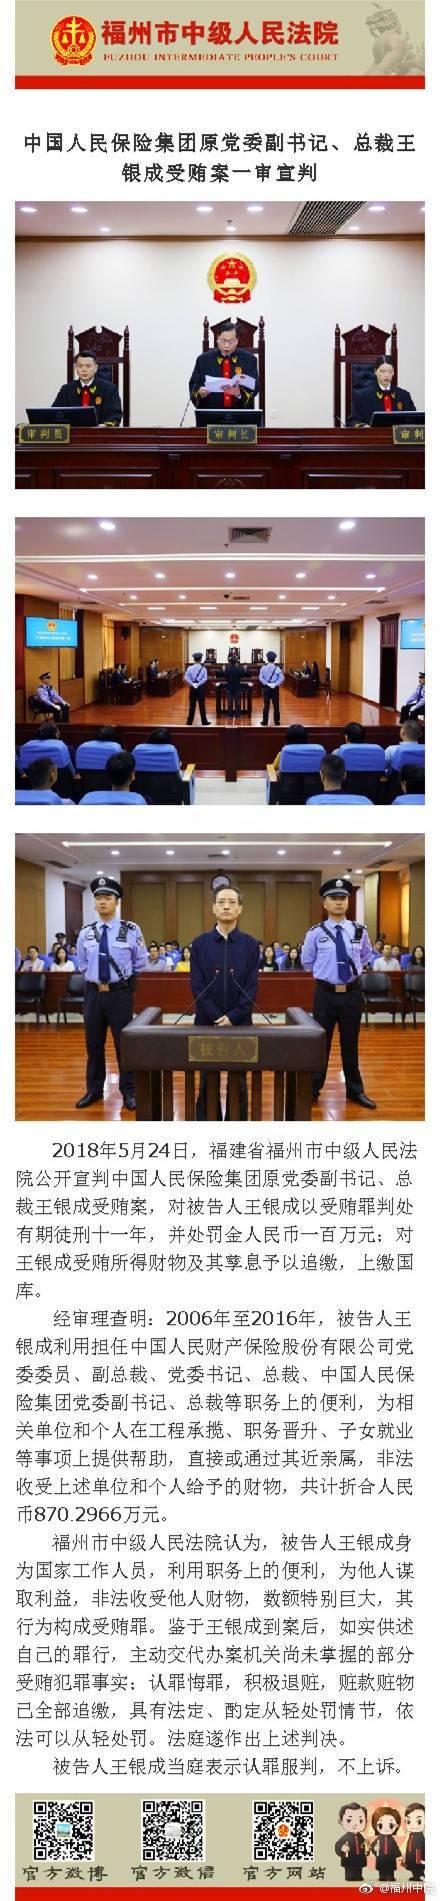 人保集团原总裁王银成被判刑11年,受贿870万当场认罪